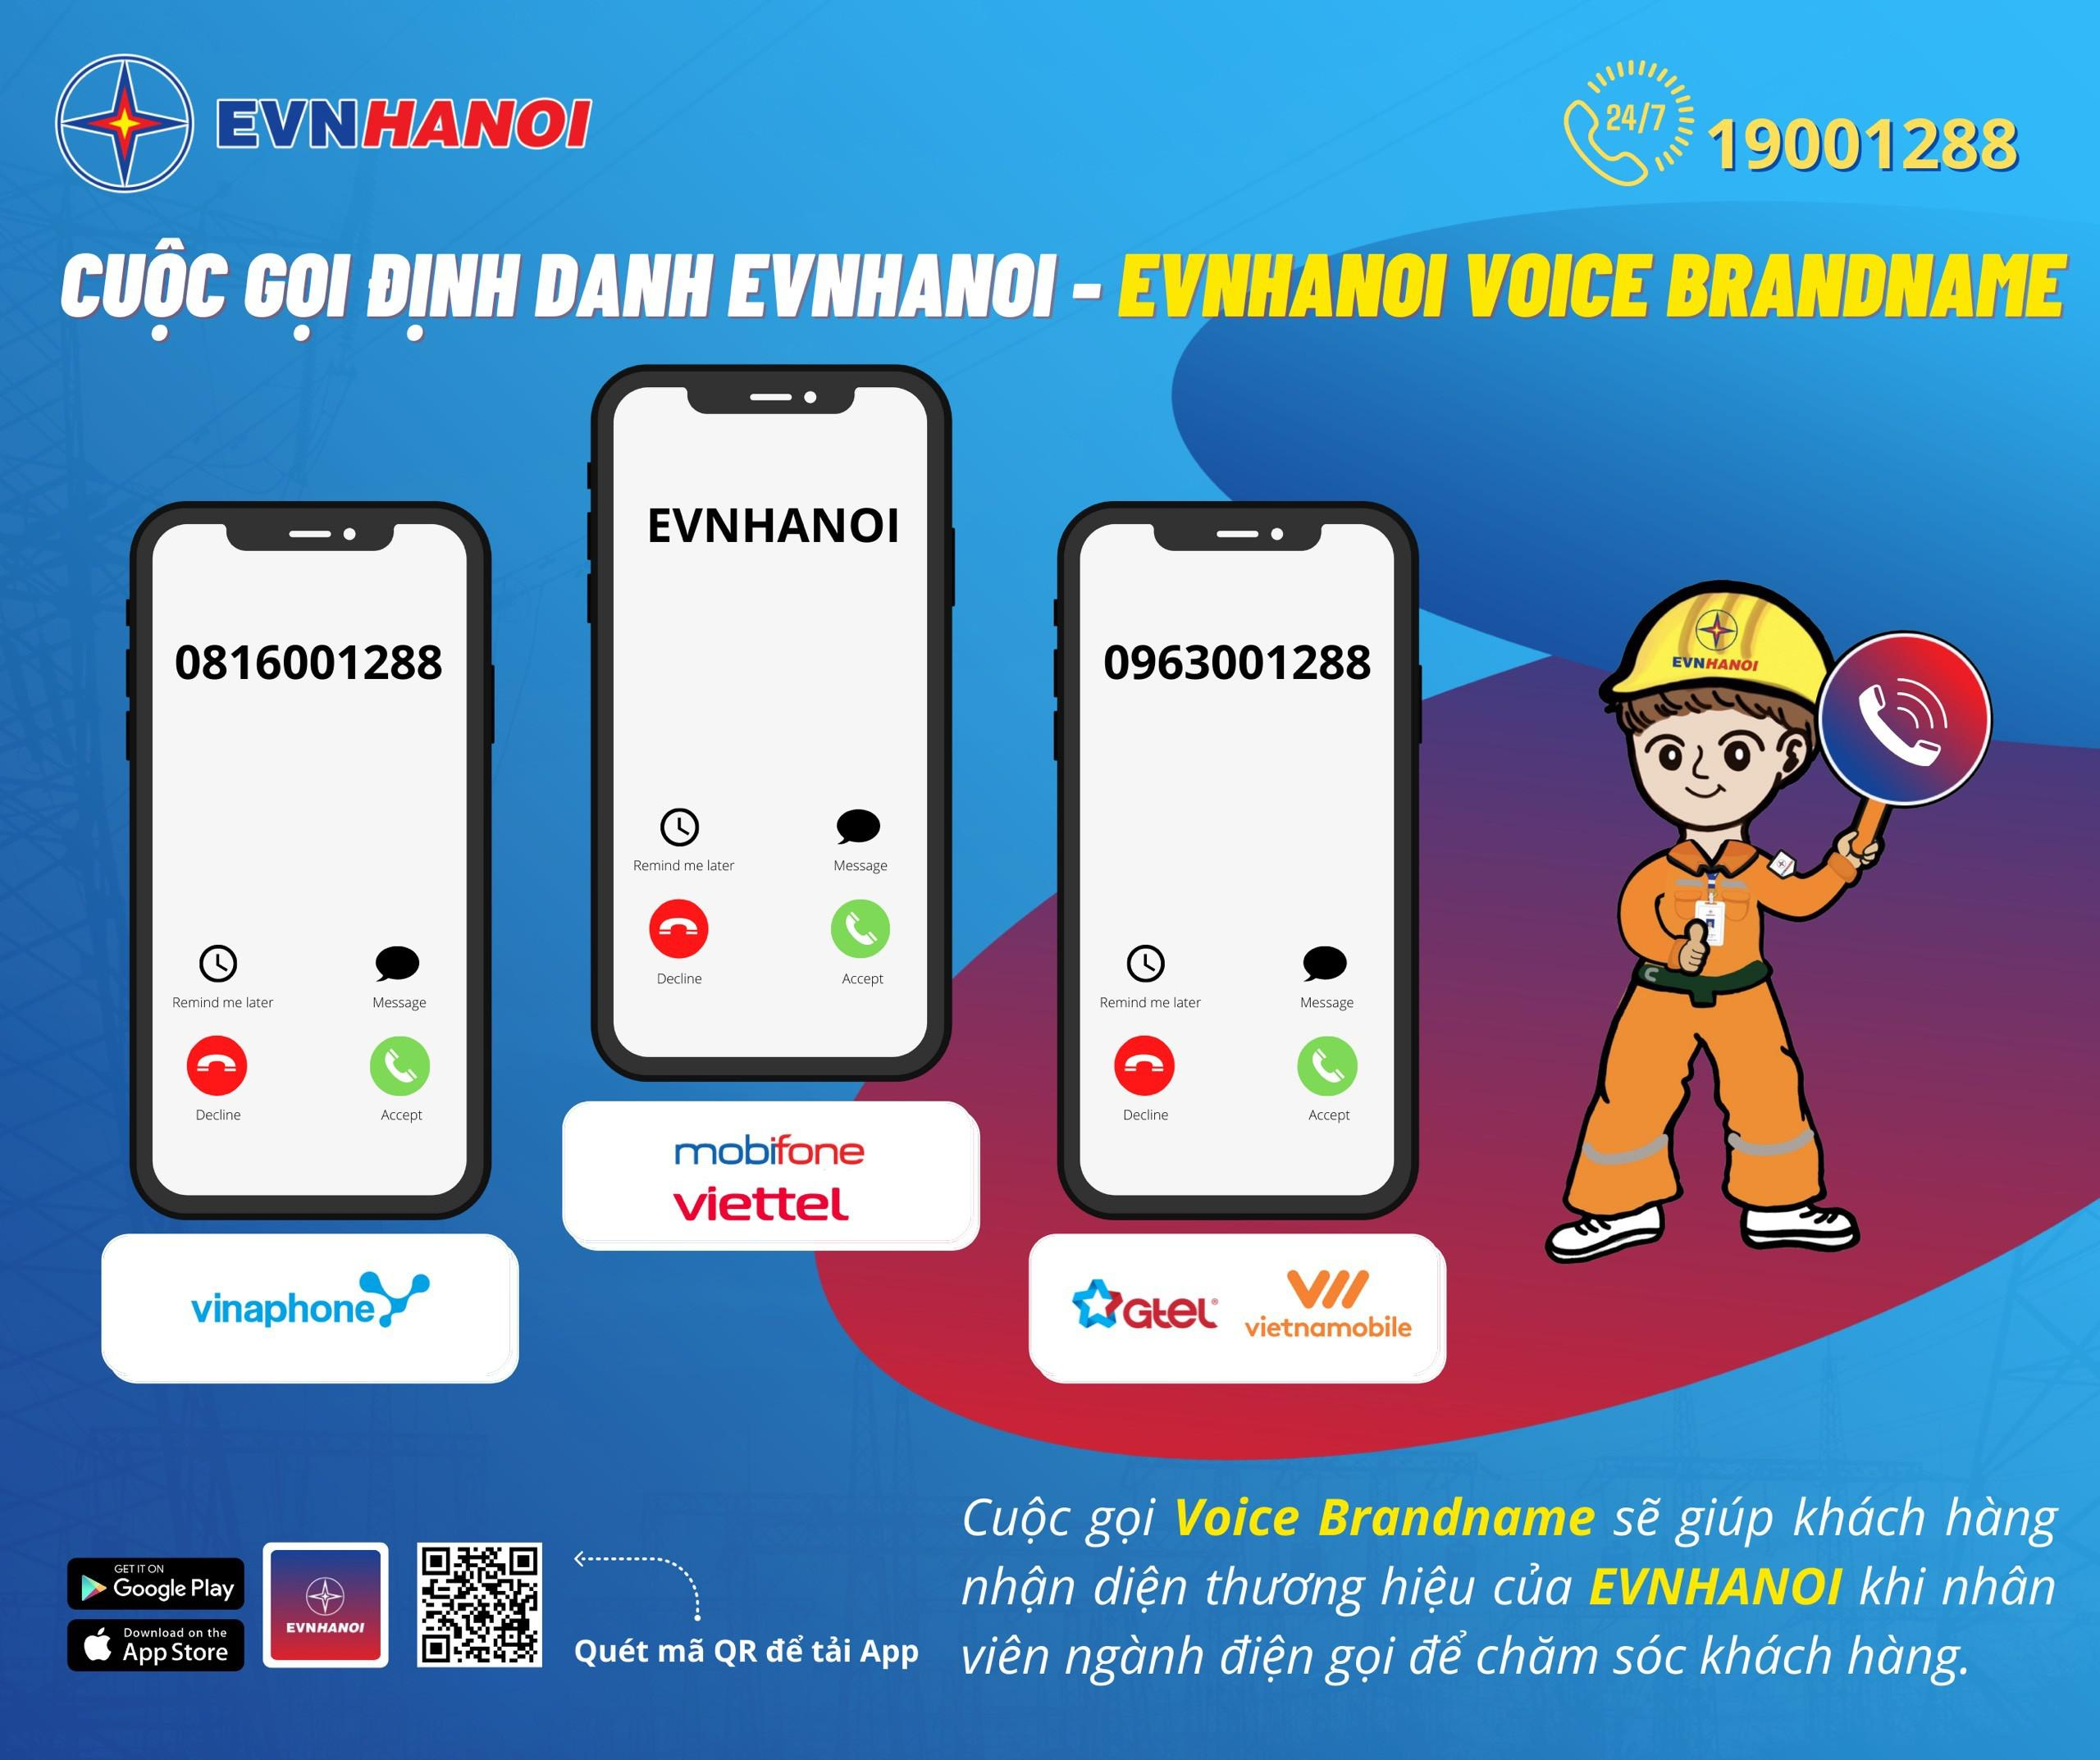 EVNHANOI: Triển khai hệ thống định danh cuộc gọi (Voice Brandname) để liên lạc với khách hàng - ảnh 1